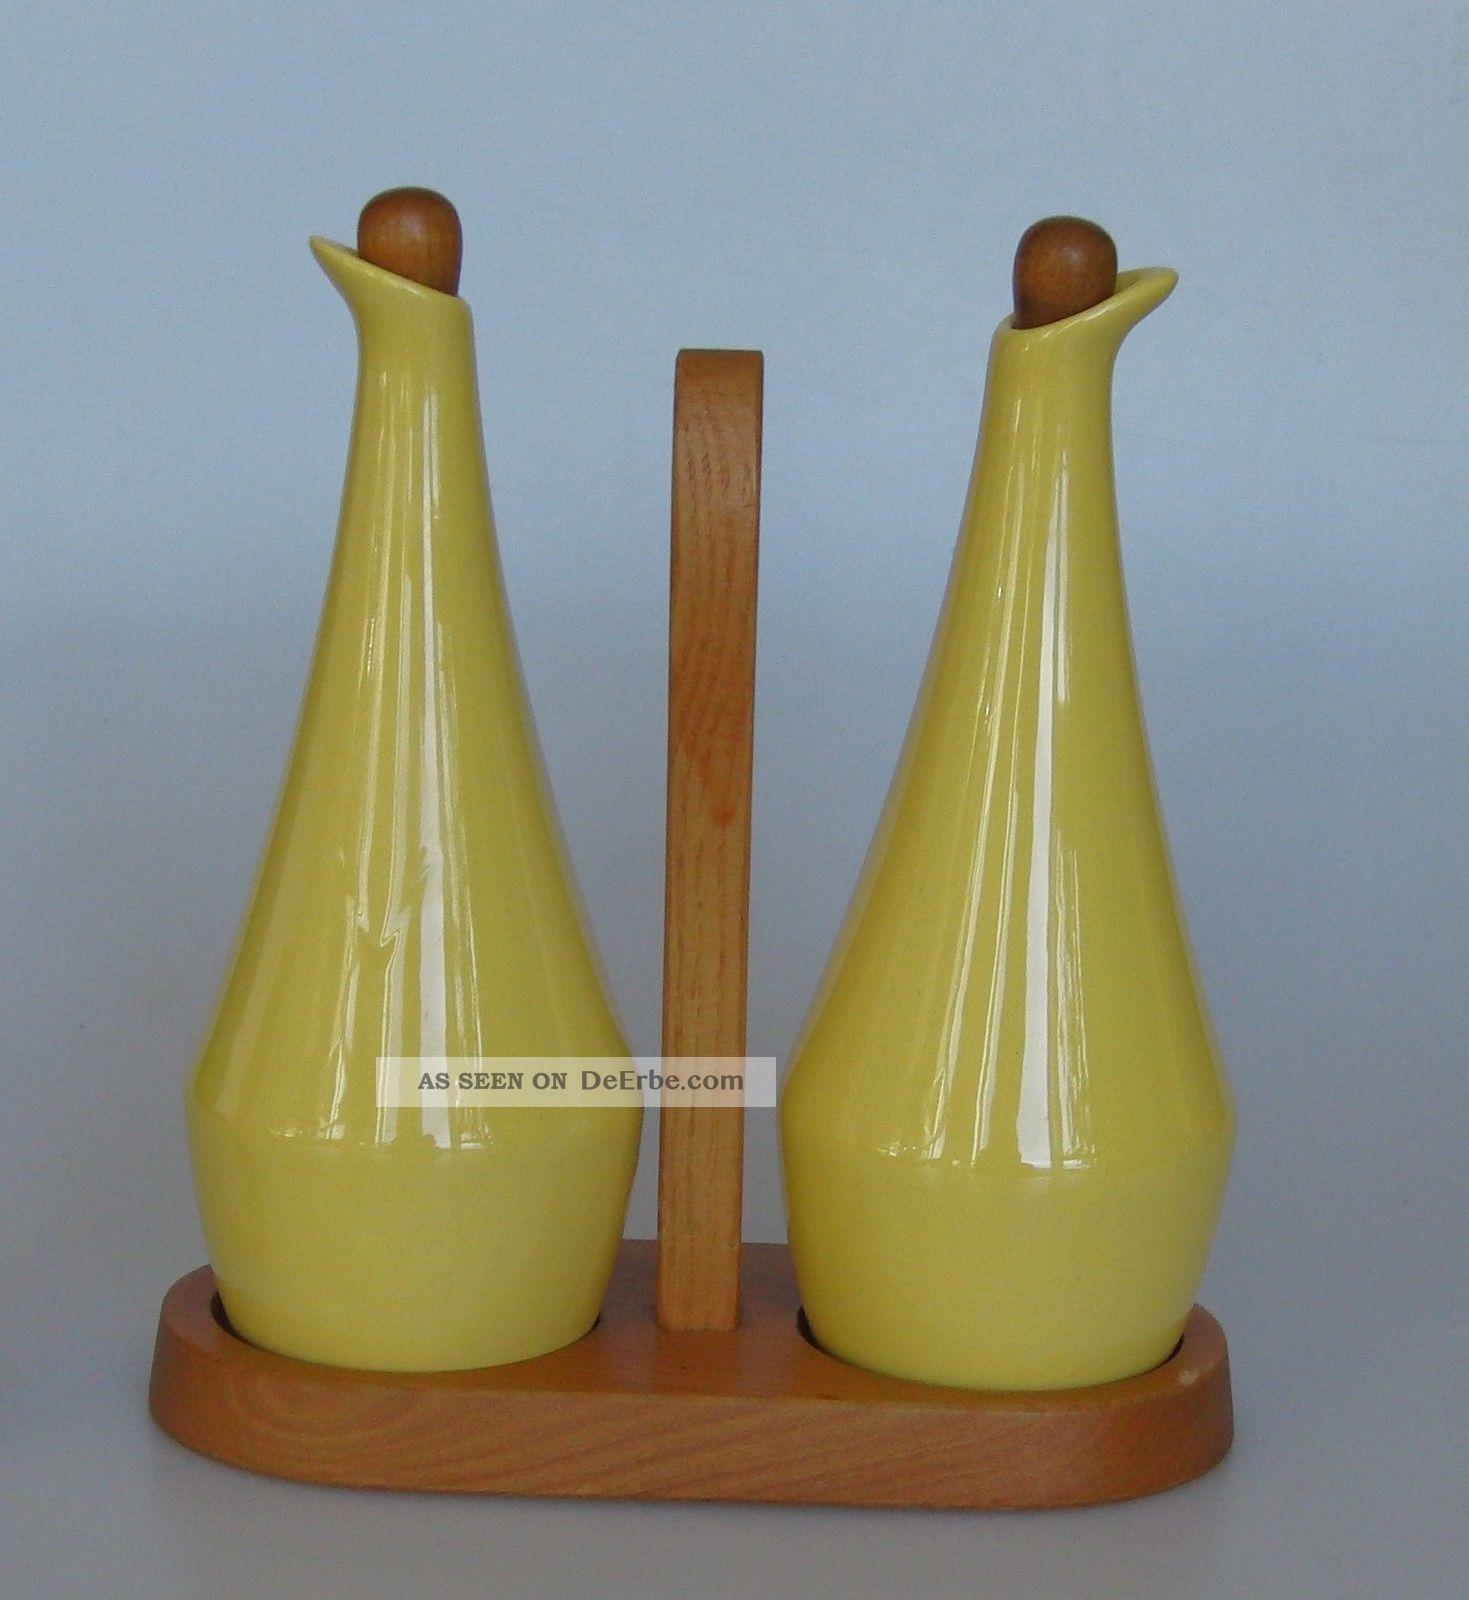 Jie Gantofta Schweden Essig Öl Keramik Gelb Design 1960 / 1970 Sweden Nach Stil & Epoche Bild